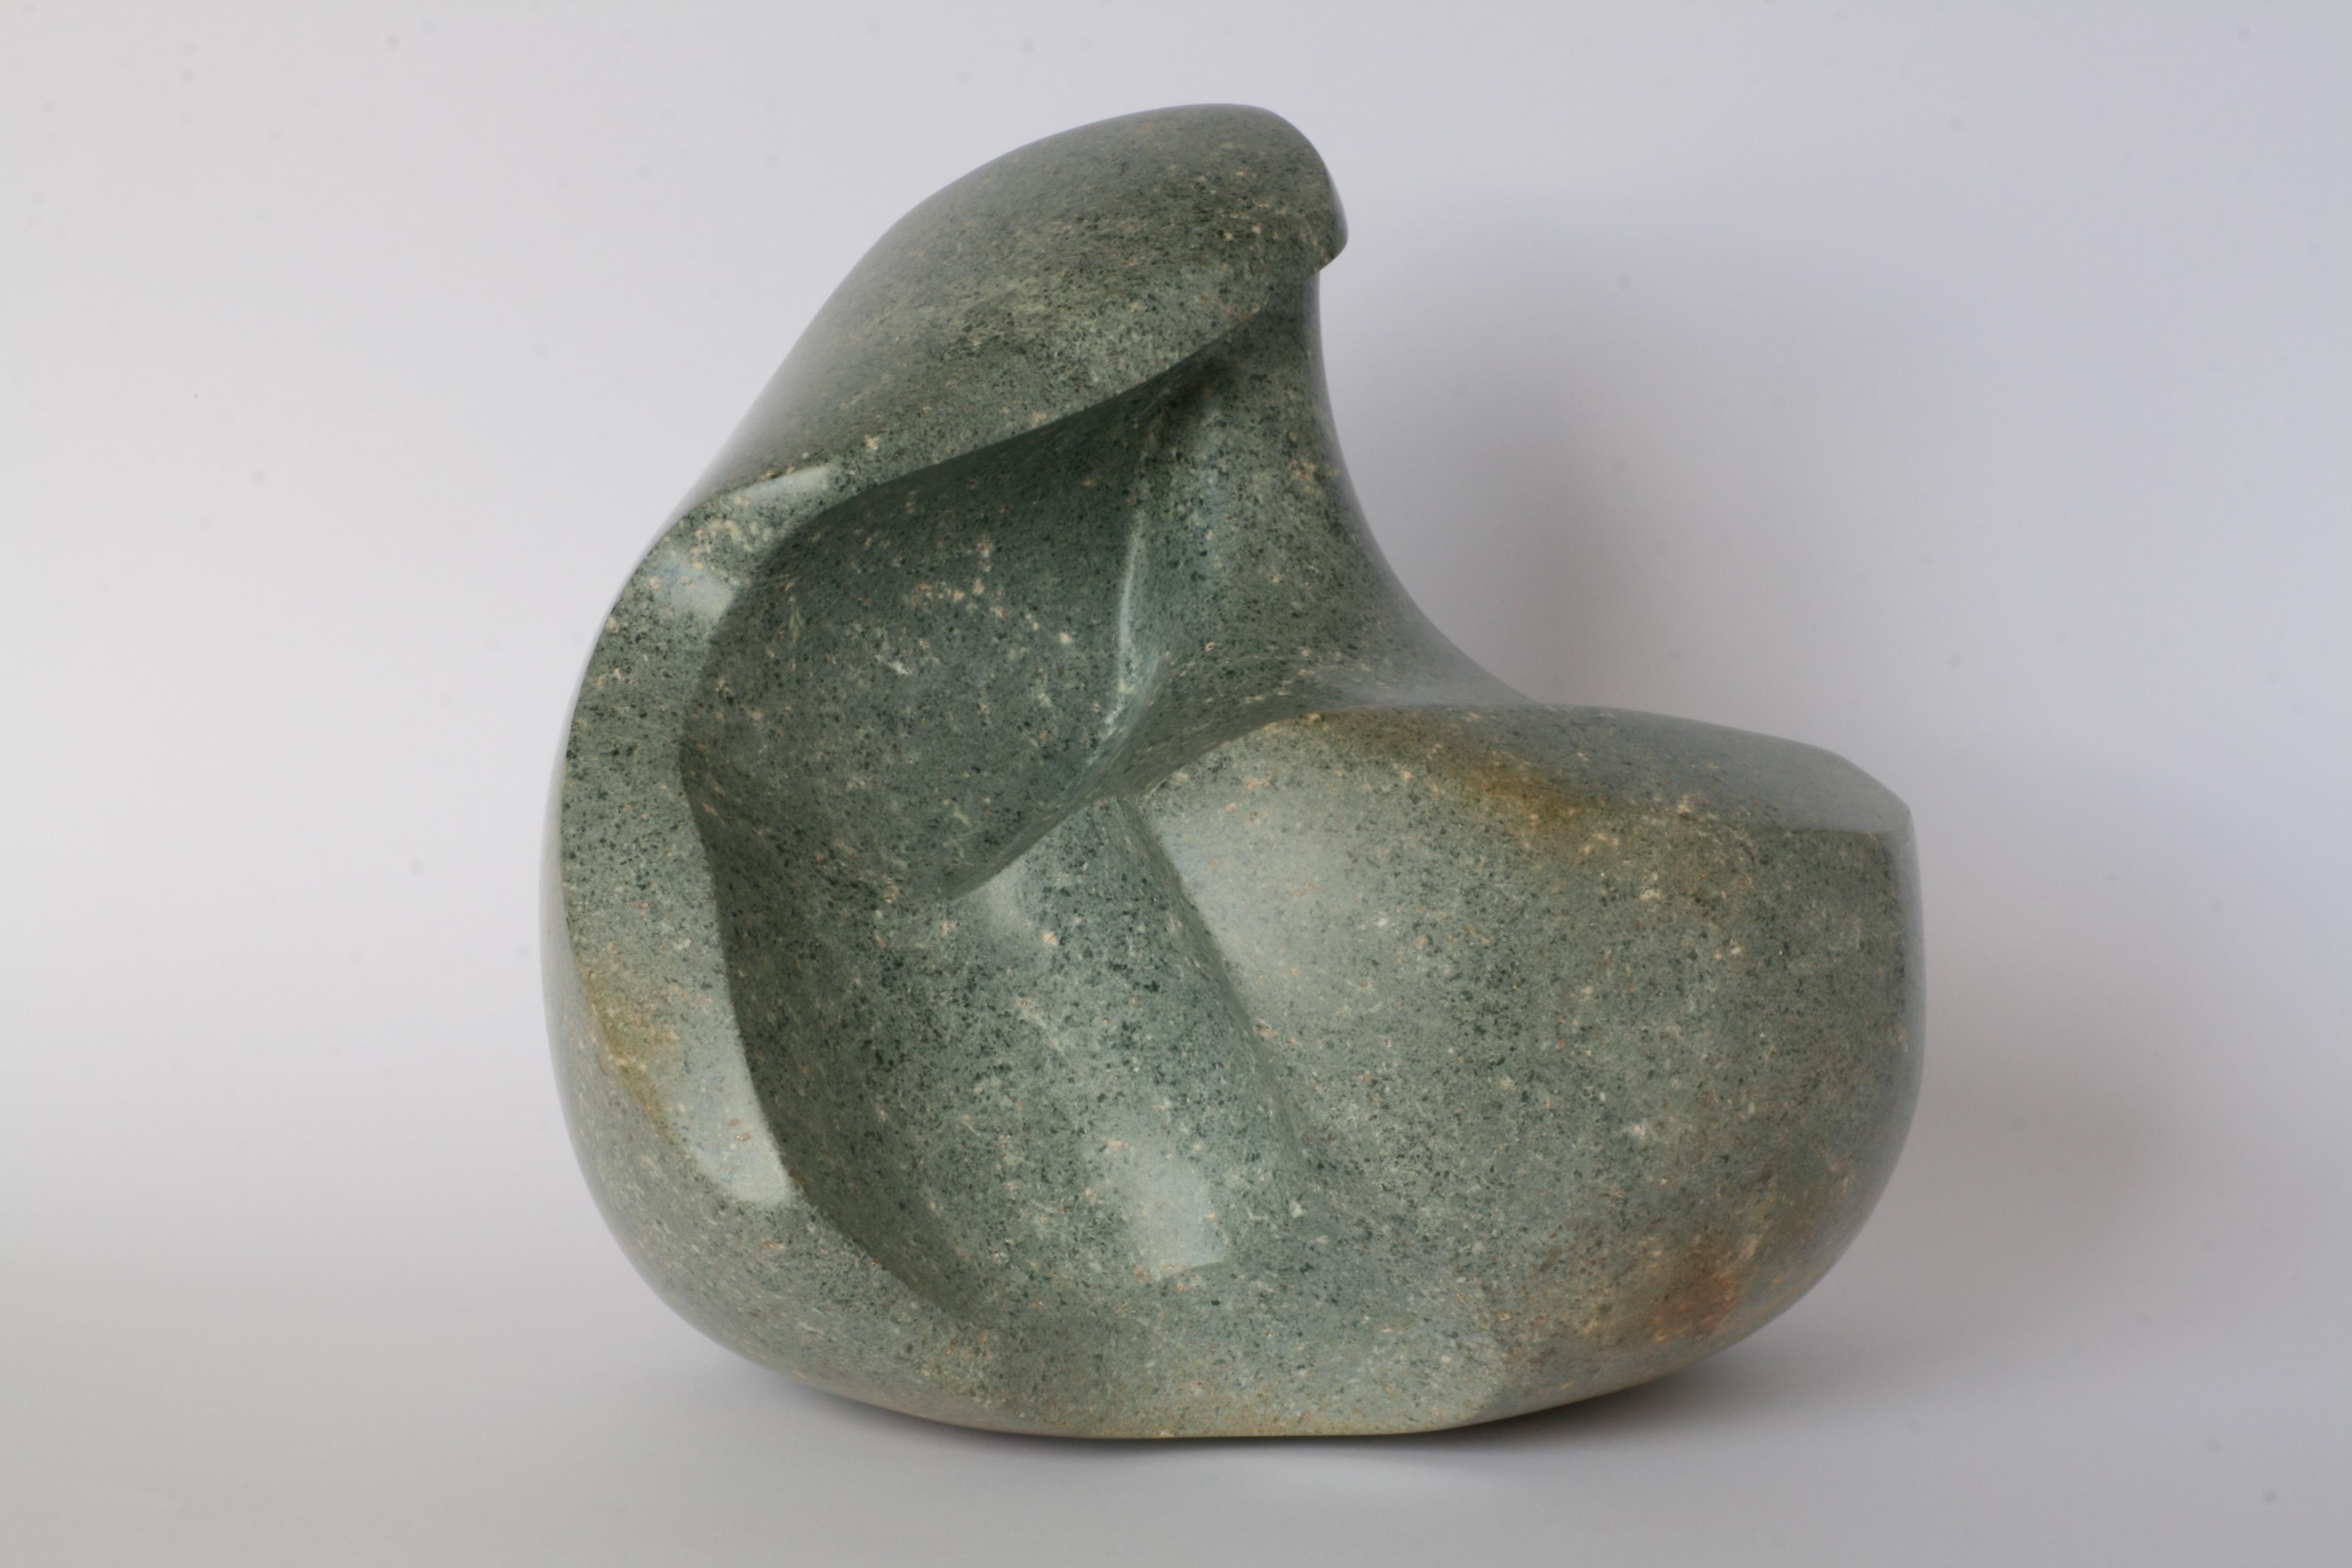 """'""""I Hear the Healing Waves"""" - Zimbabwaen Opal' by artist Ann Coomber"""